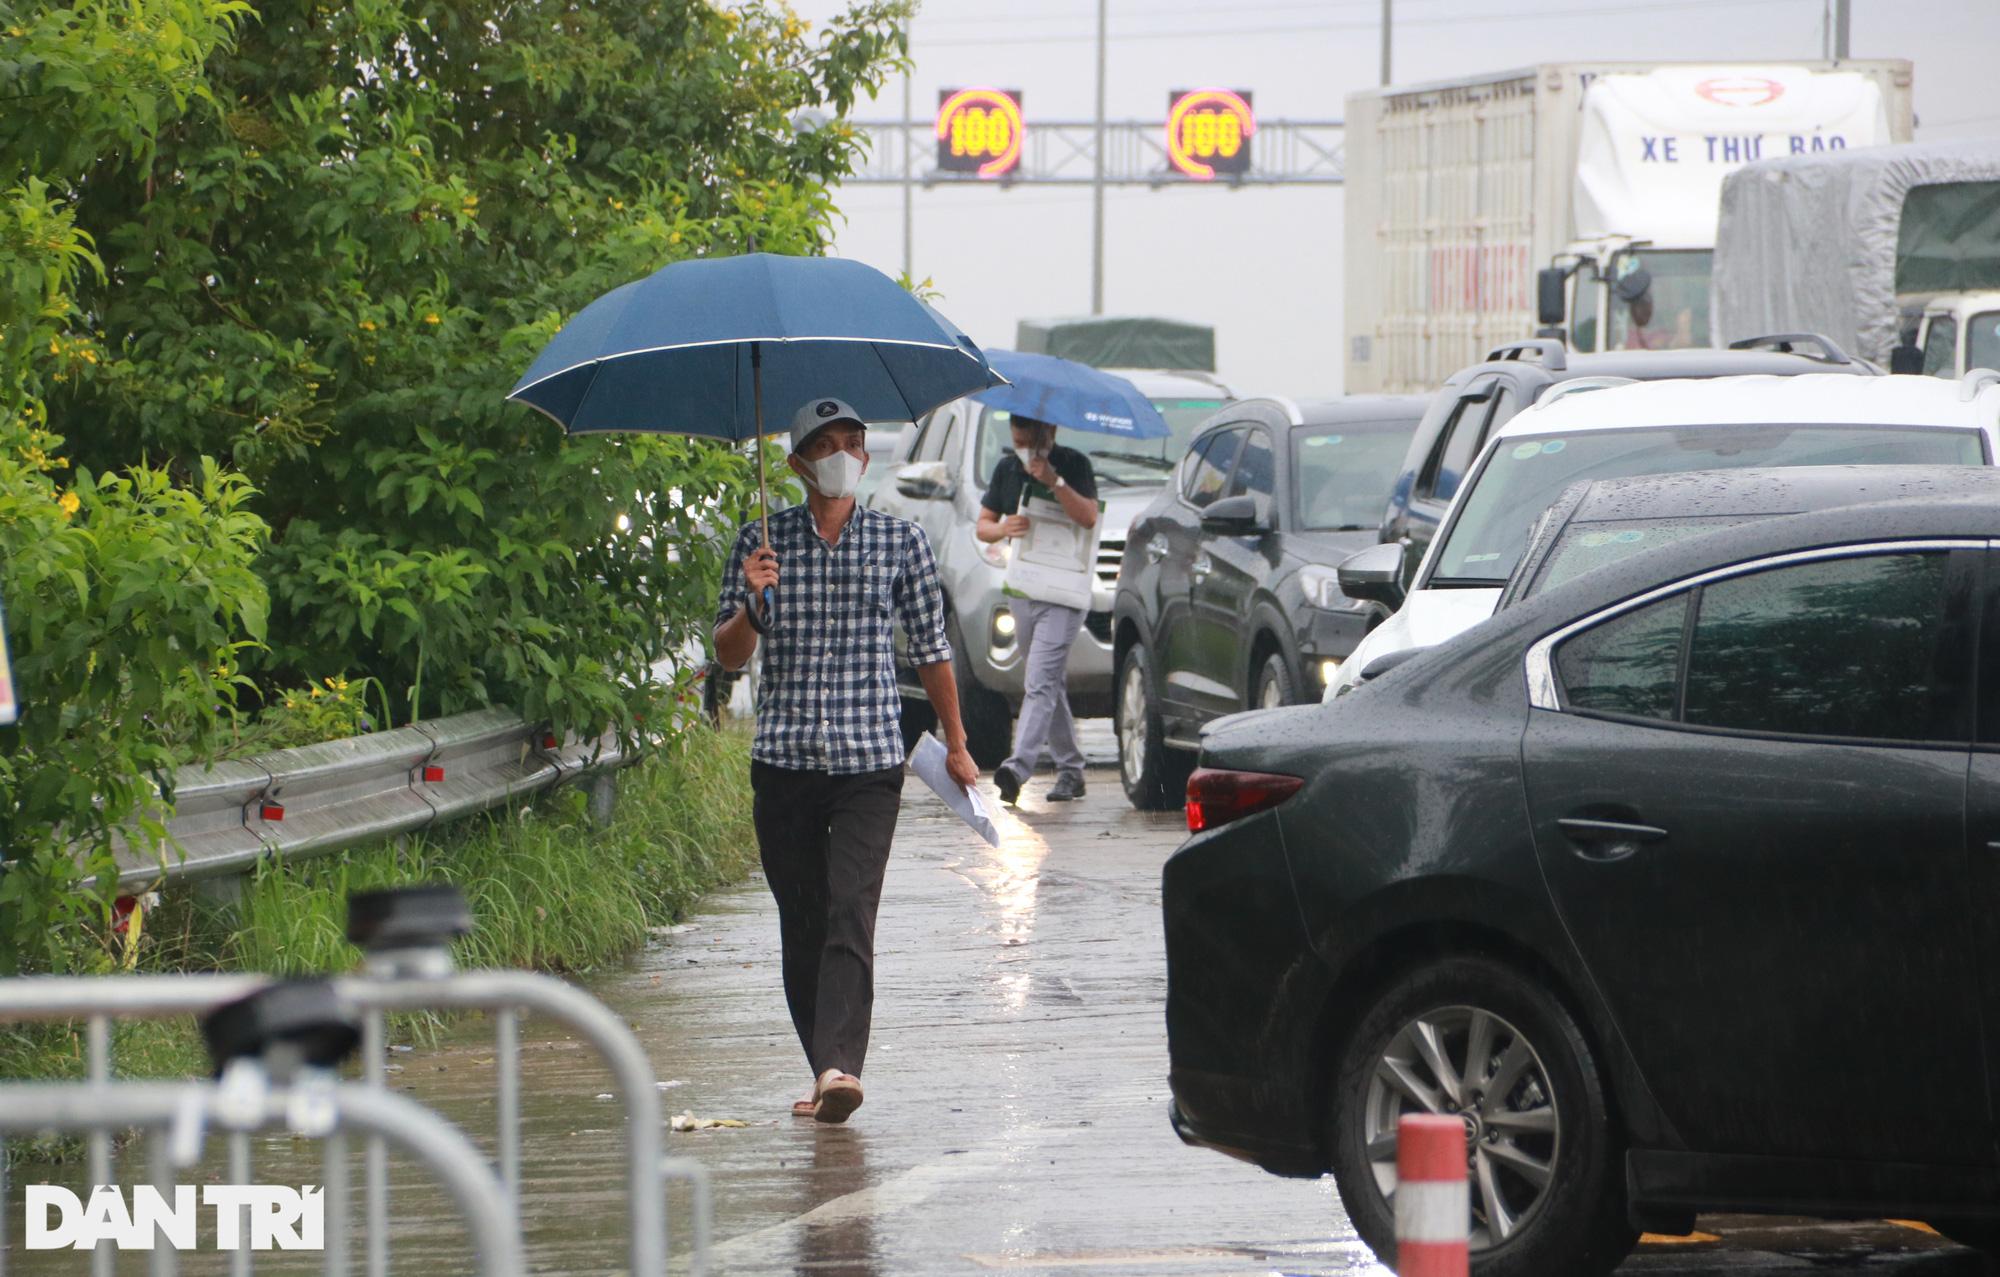 Hà Nội: Đội mưa làm thủ tục qua chốt cửa ngõ, nhiều người phải quay đầu - Ảnh 8.